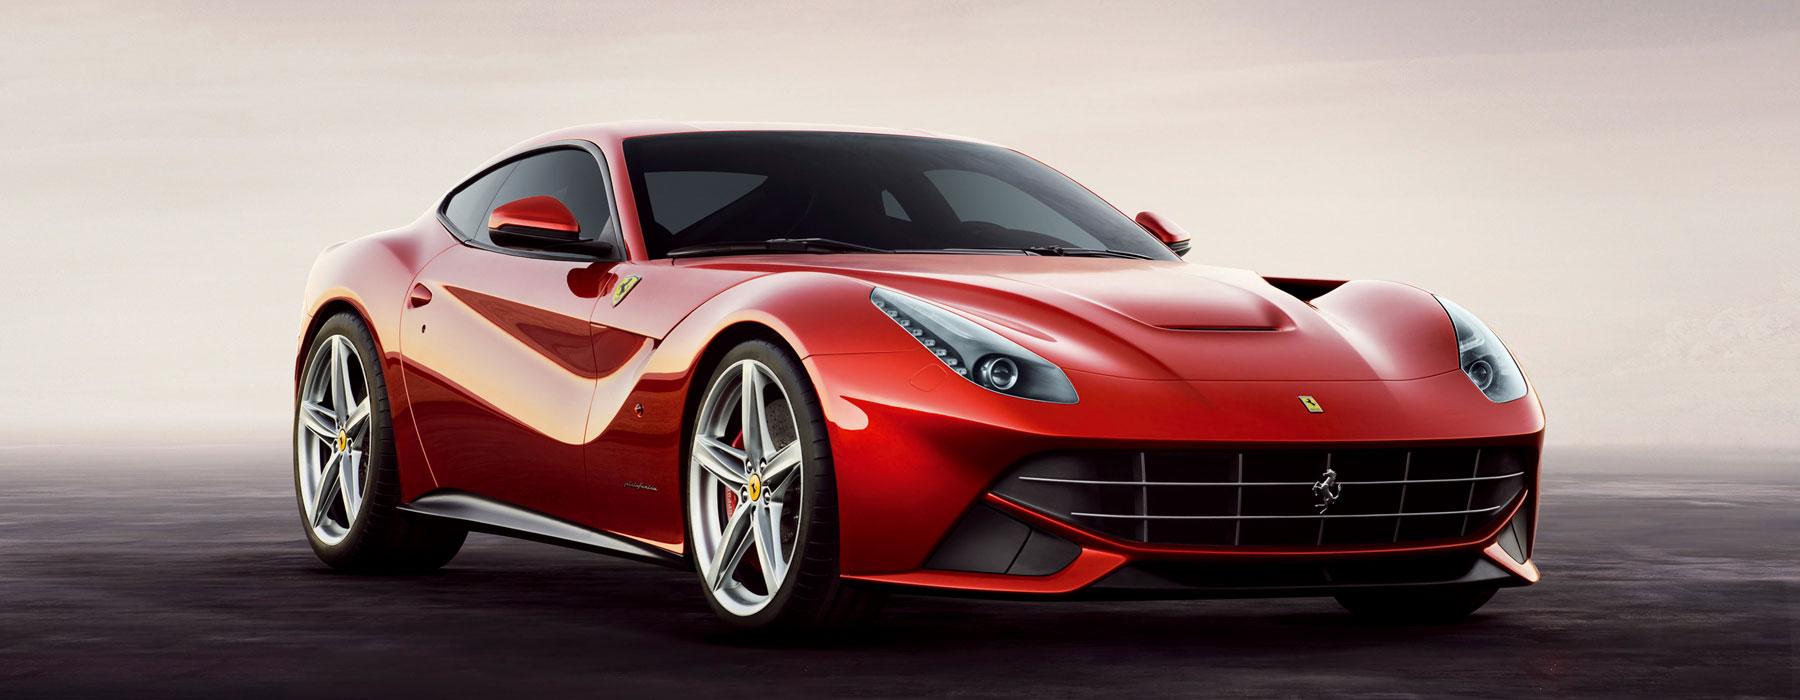 Drive a Ferrari F12 Berlinetta